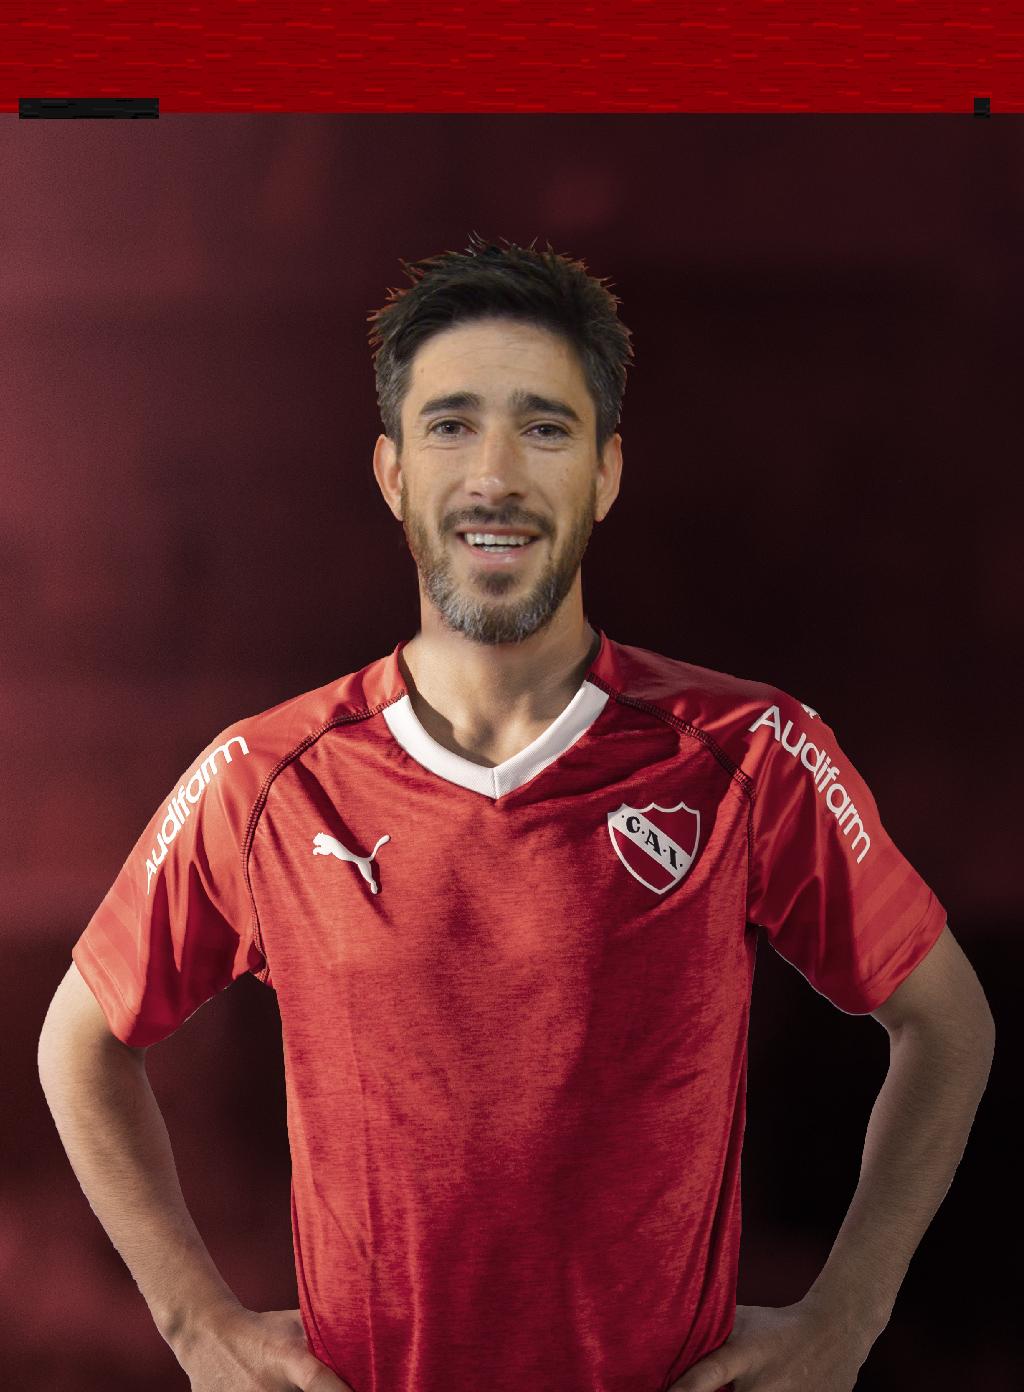 Pérez